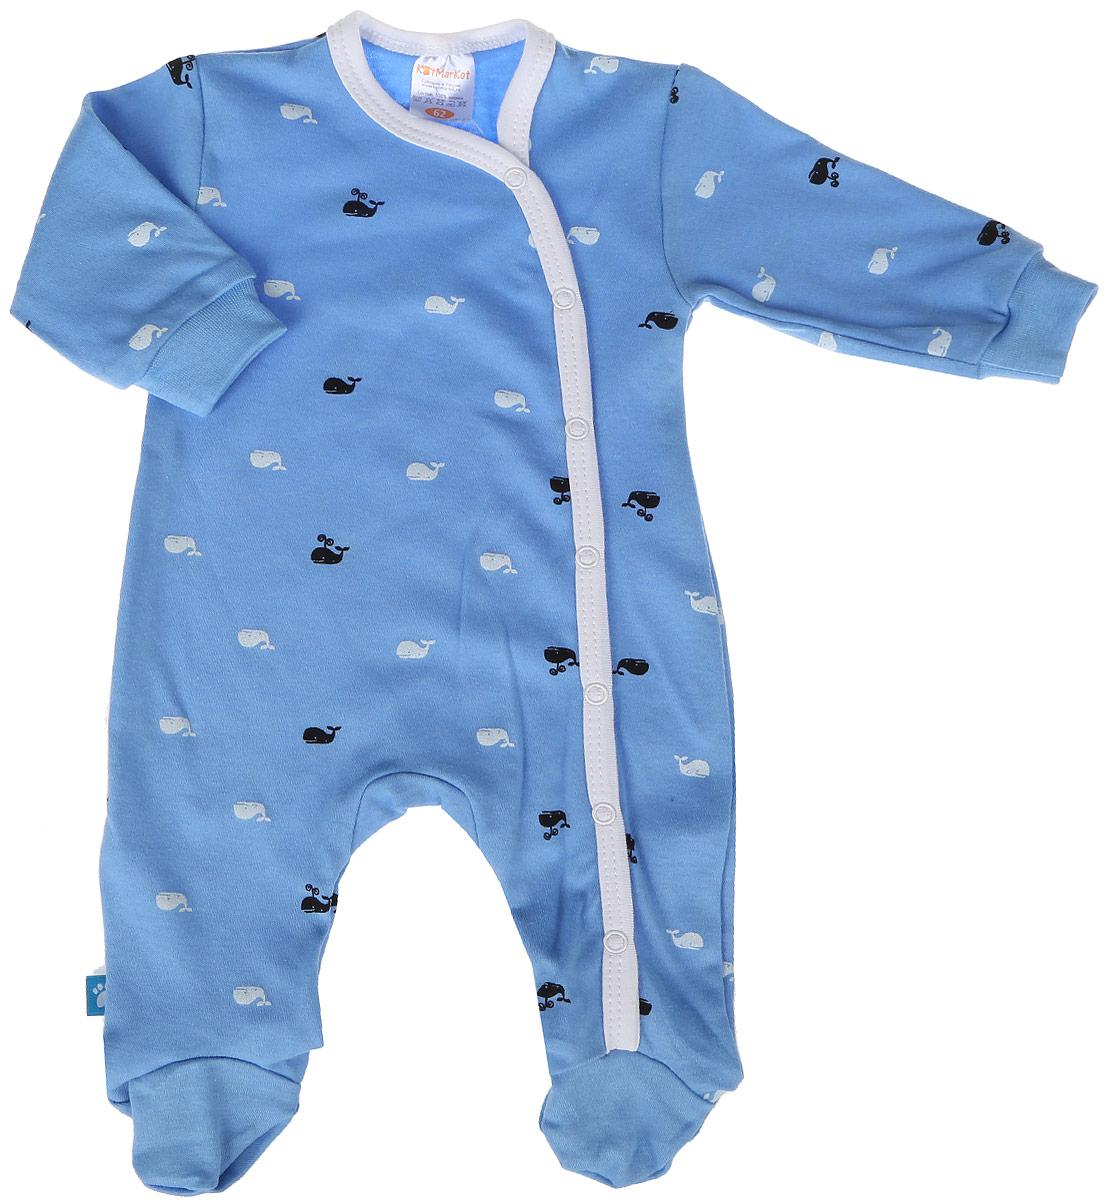 Комбинезон домашний для мальчика КотМарКот, цвет: синий, белый. 6311. Размер 746311Комбинезон домашний для мальчика КотМарКот выполнен из качественного материала. Модель с длинными рукавами застегивается на кнопки.